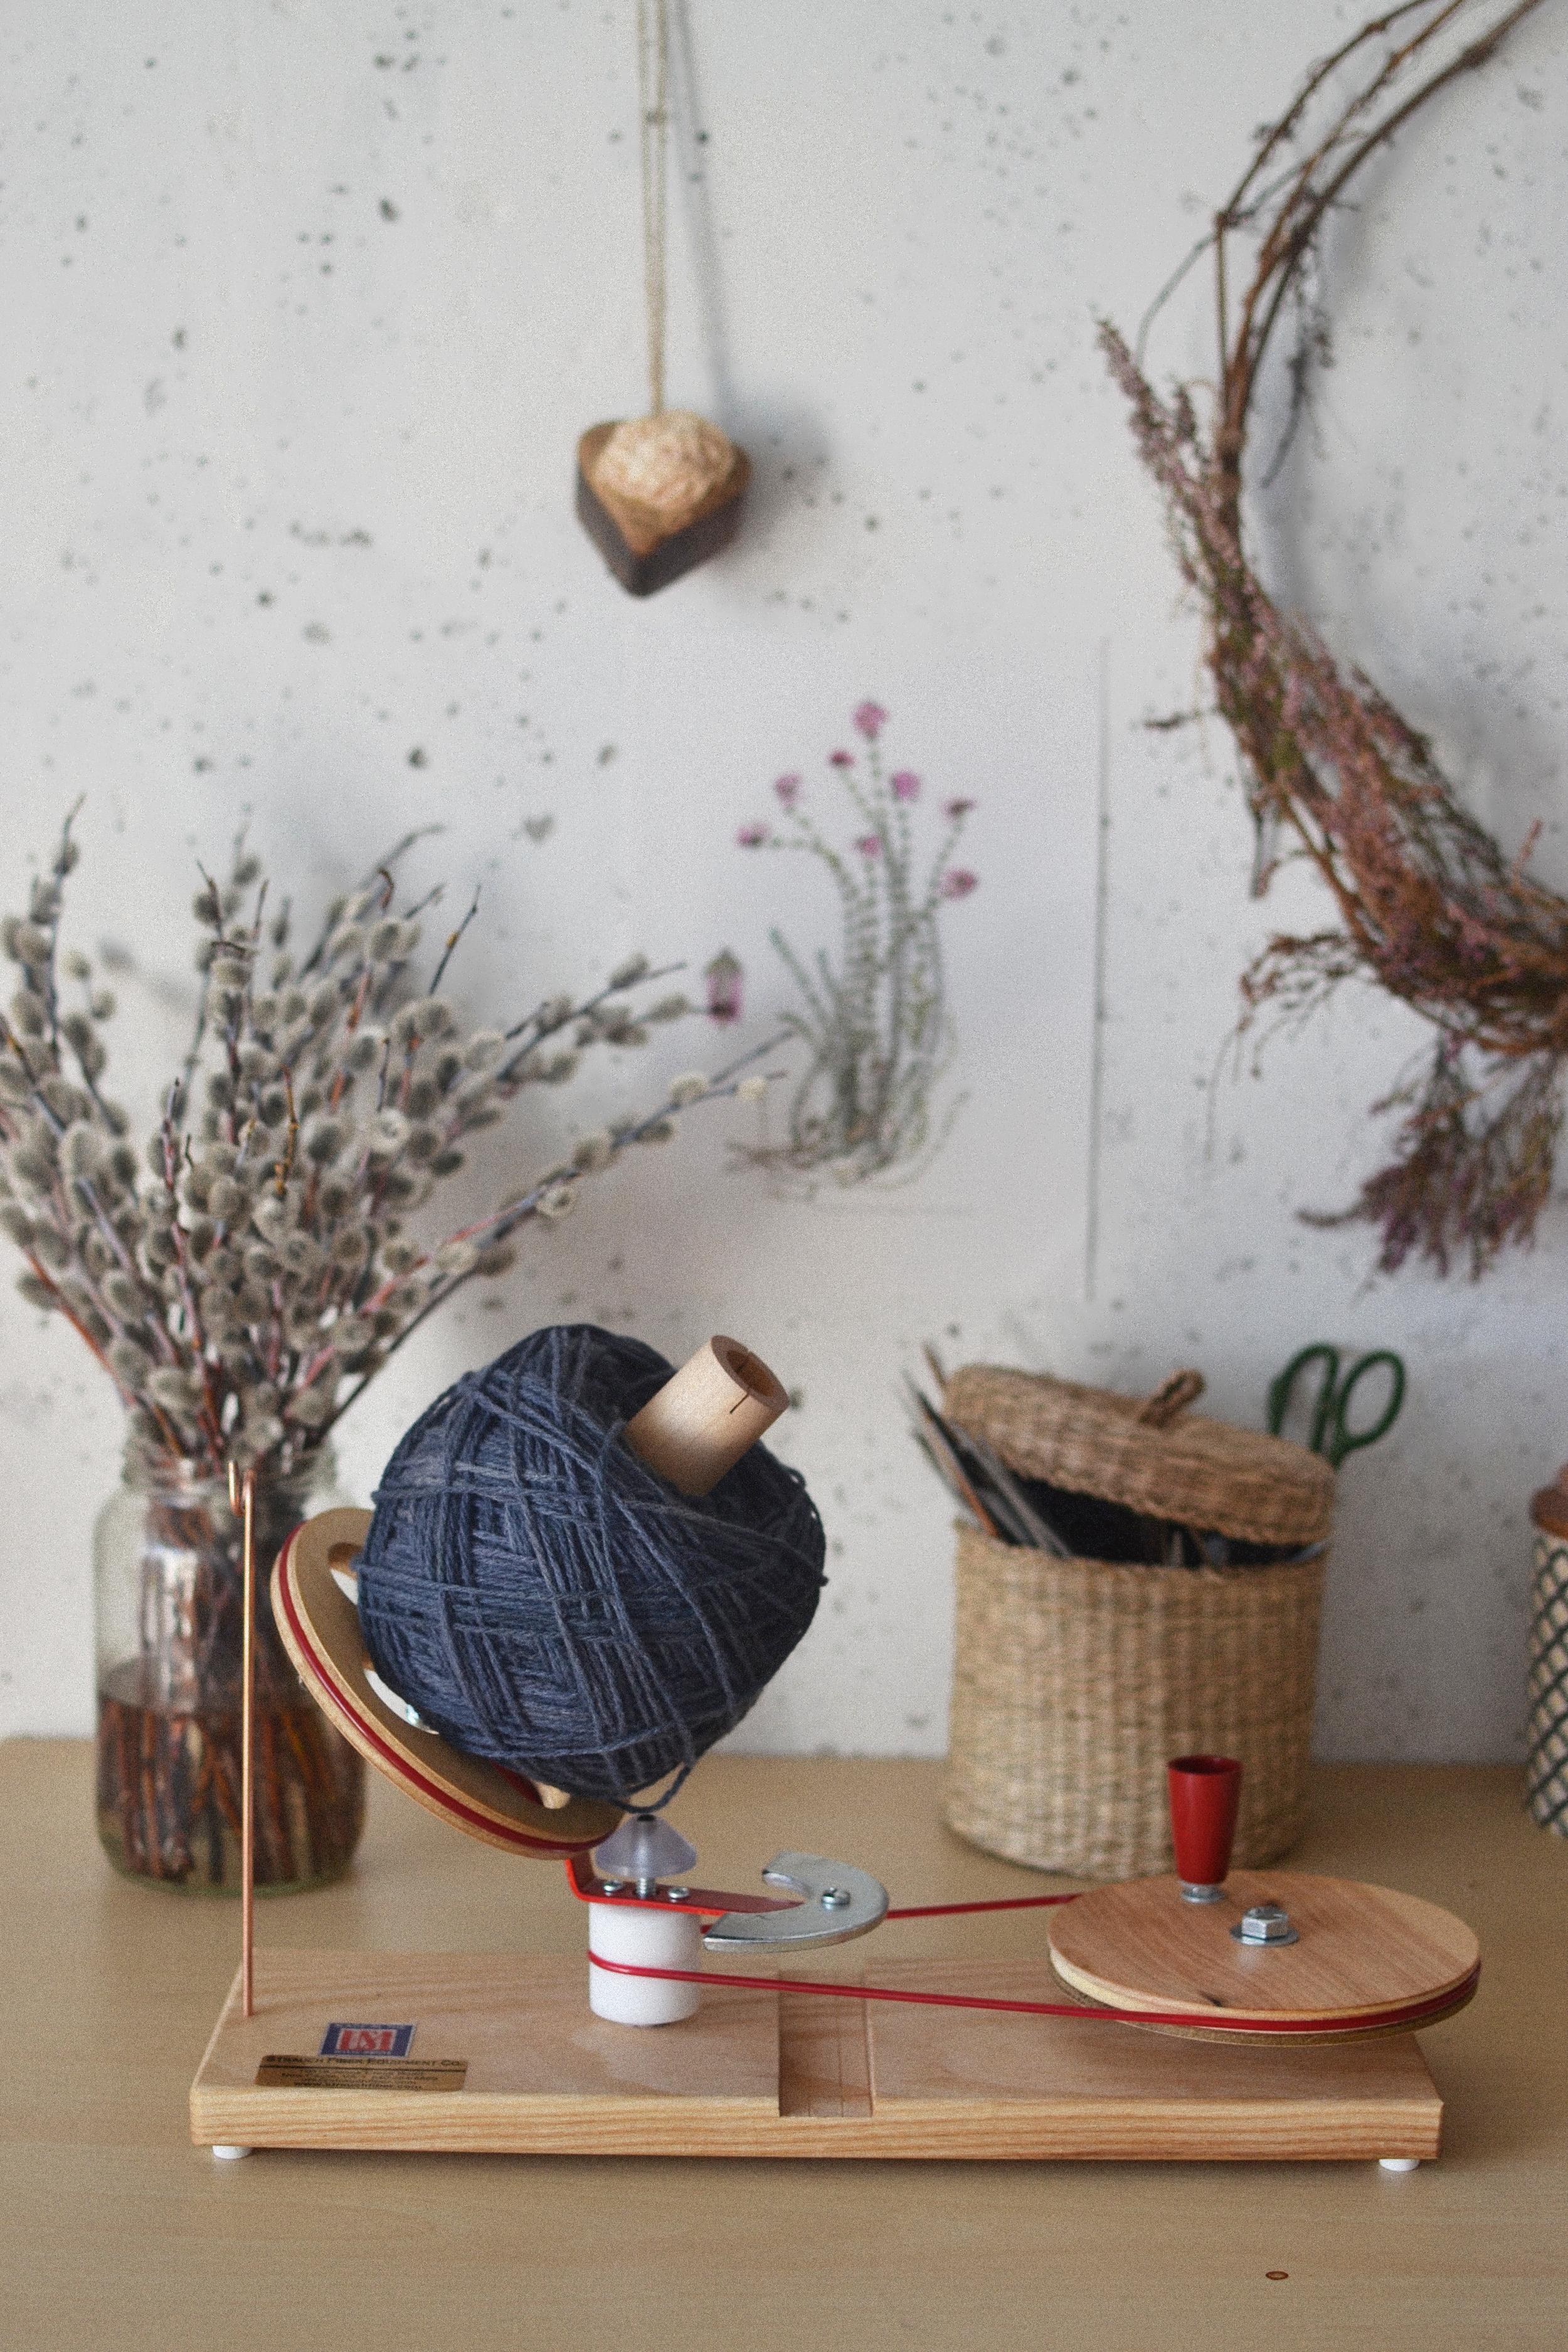 The woolery, jumbo ball winder Mandarine's